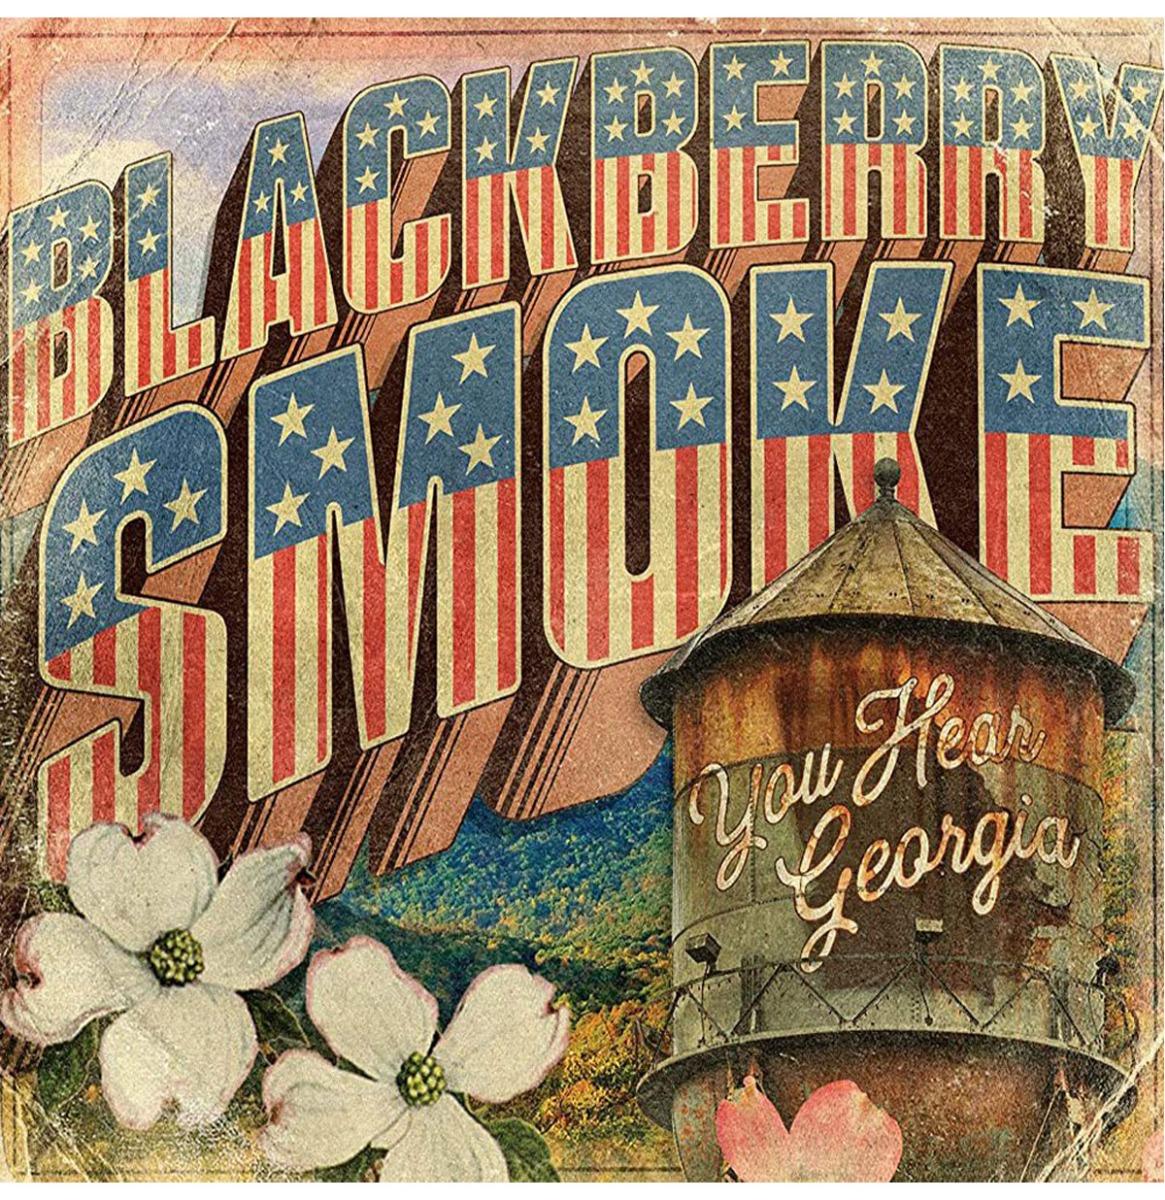 Blackberry Smoke - You Hear Georgia (Indie Only) (Gekleurd Vinyl) 2LP